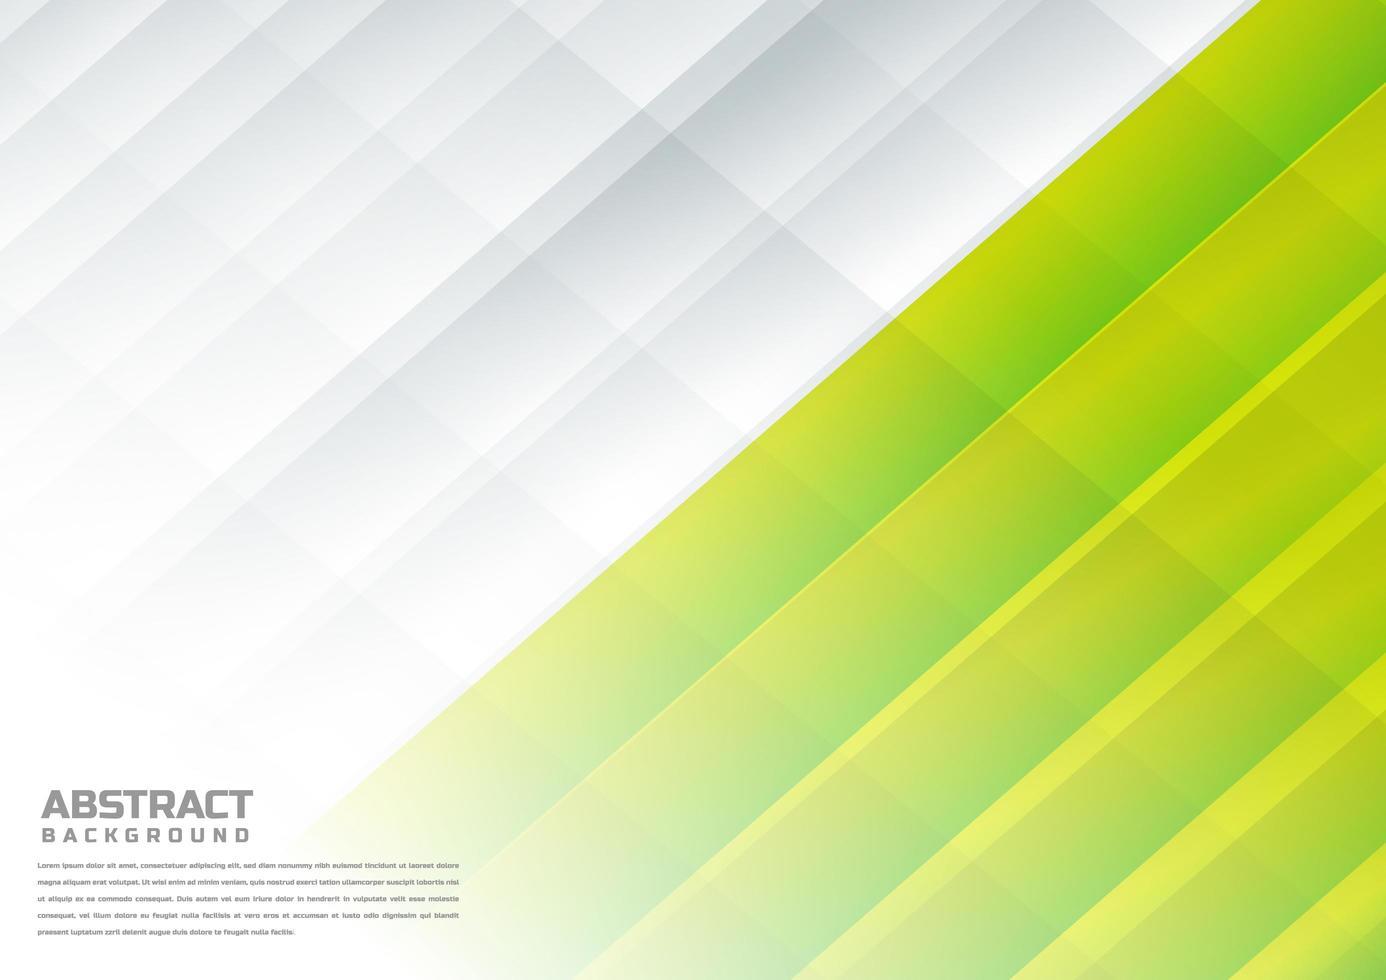 astratto diagonale bianco, verde limone su sfondo. vettore